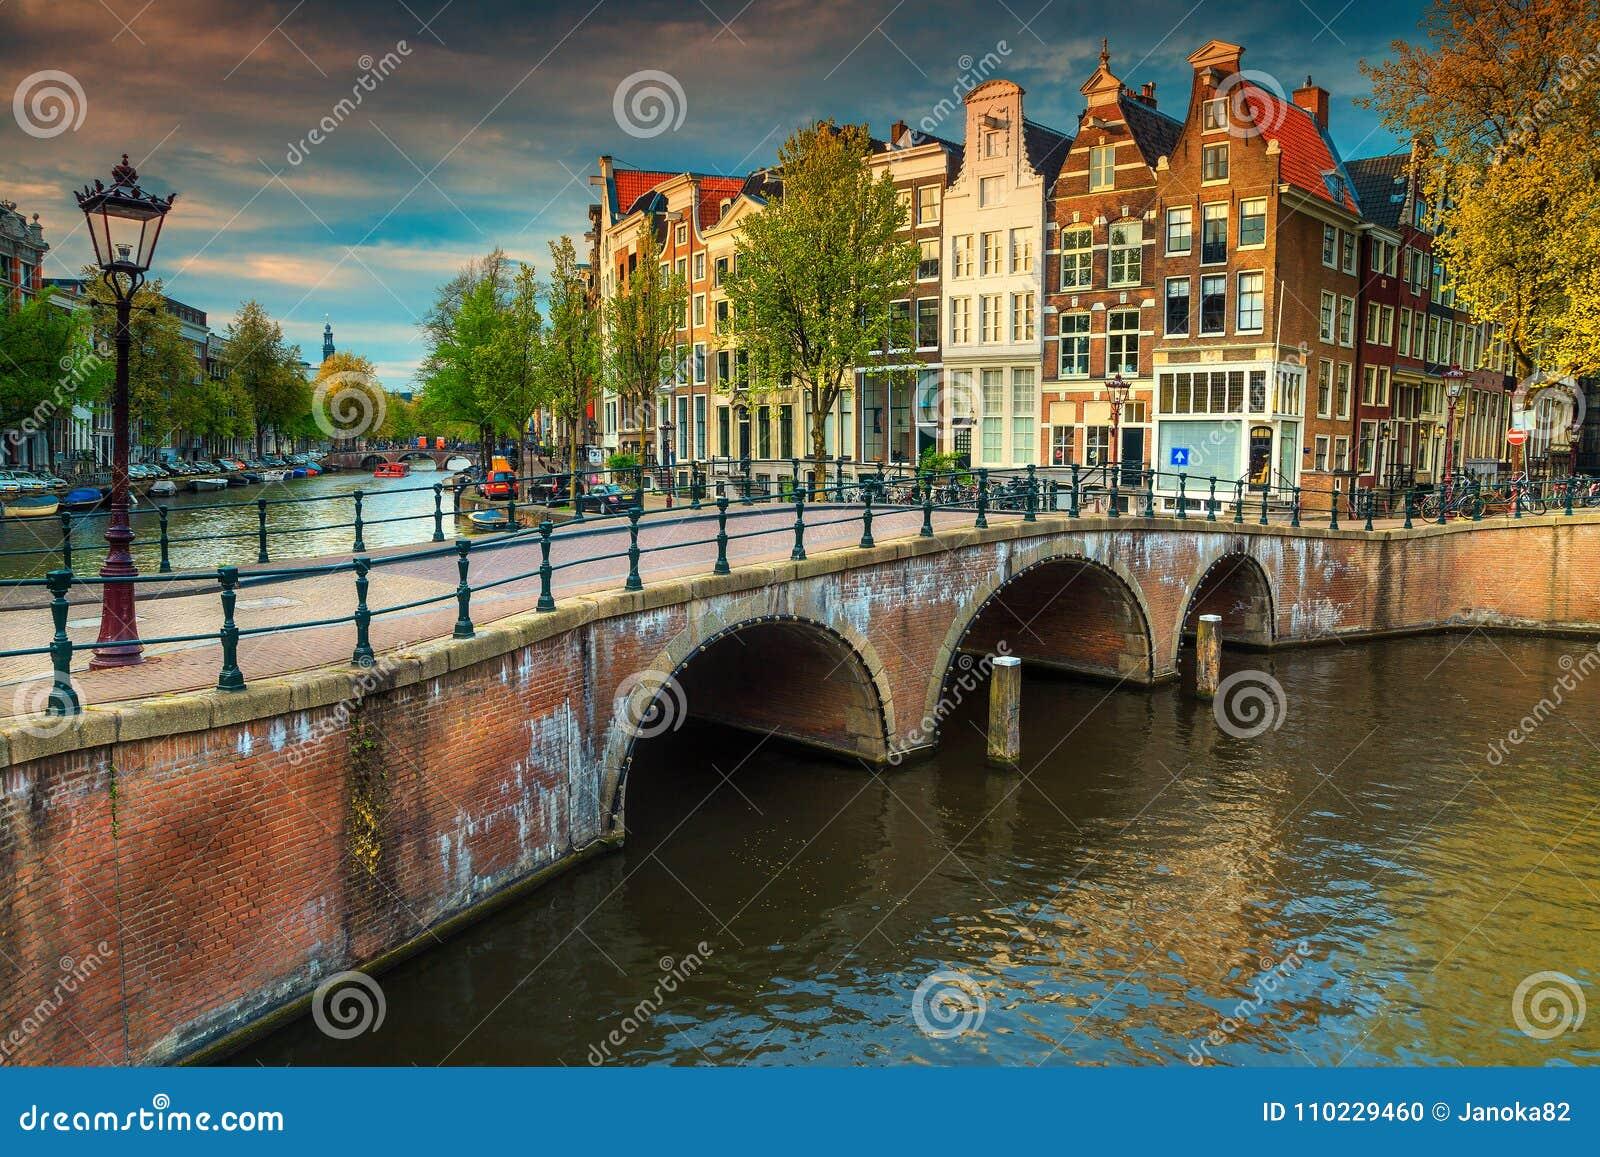 Fantastyczni wodni kanały z mostami i kolorowymi domami, Amsterdam, holandie